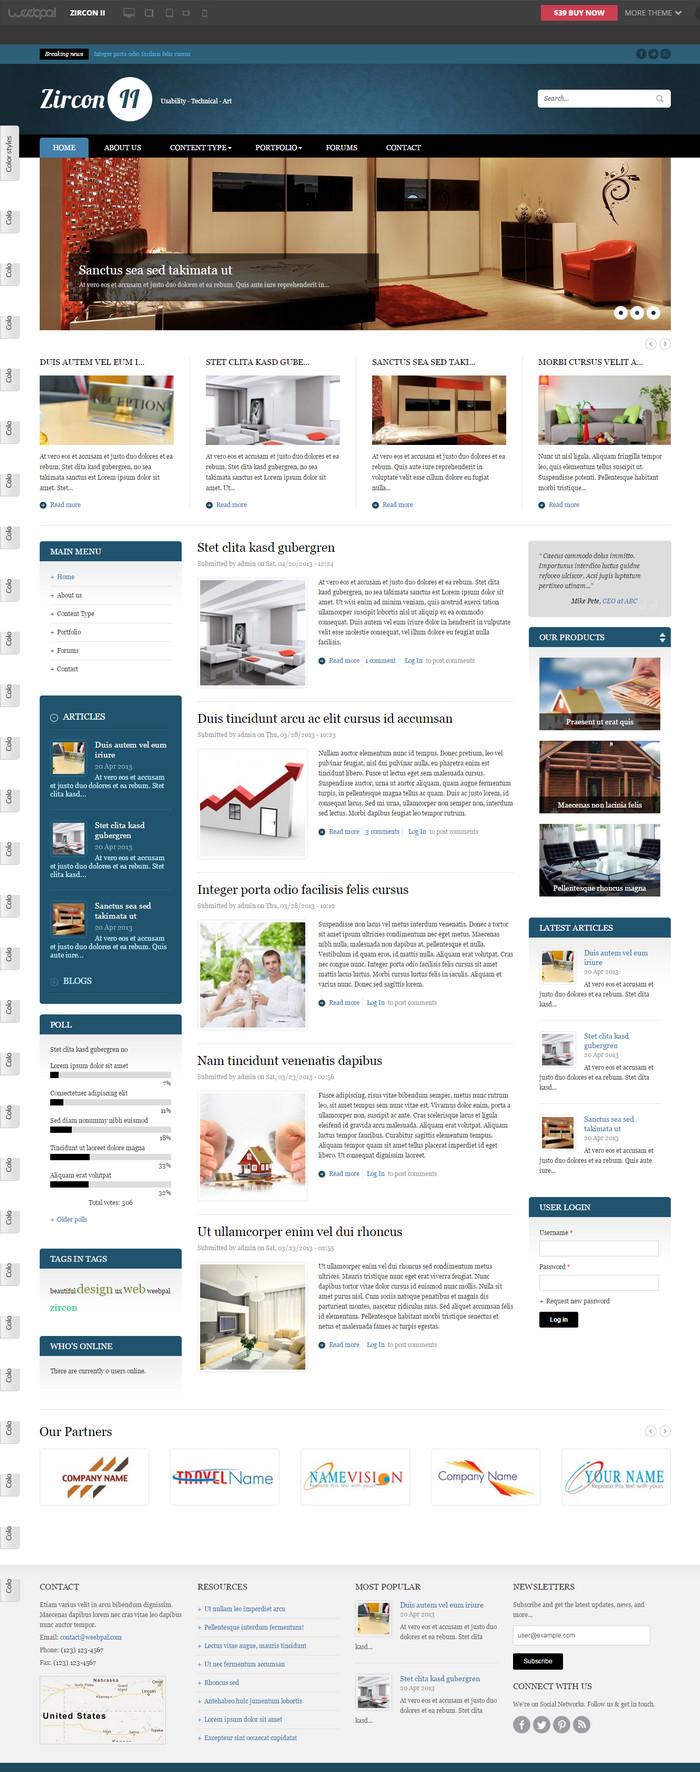 Thiết Lập Trang Web Giá Rẻ. Có 1173 Xem  - trang 1